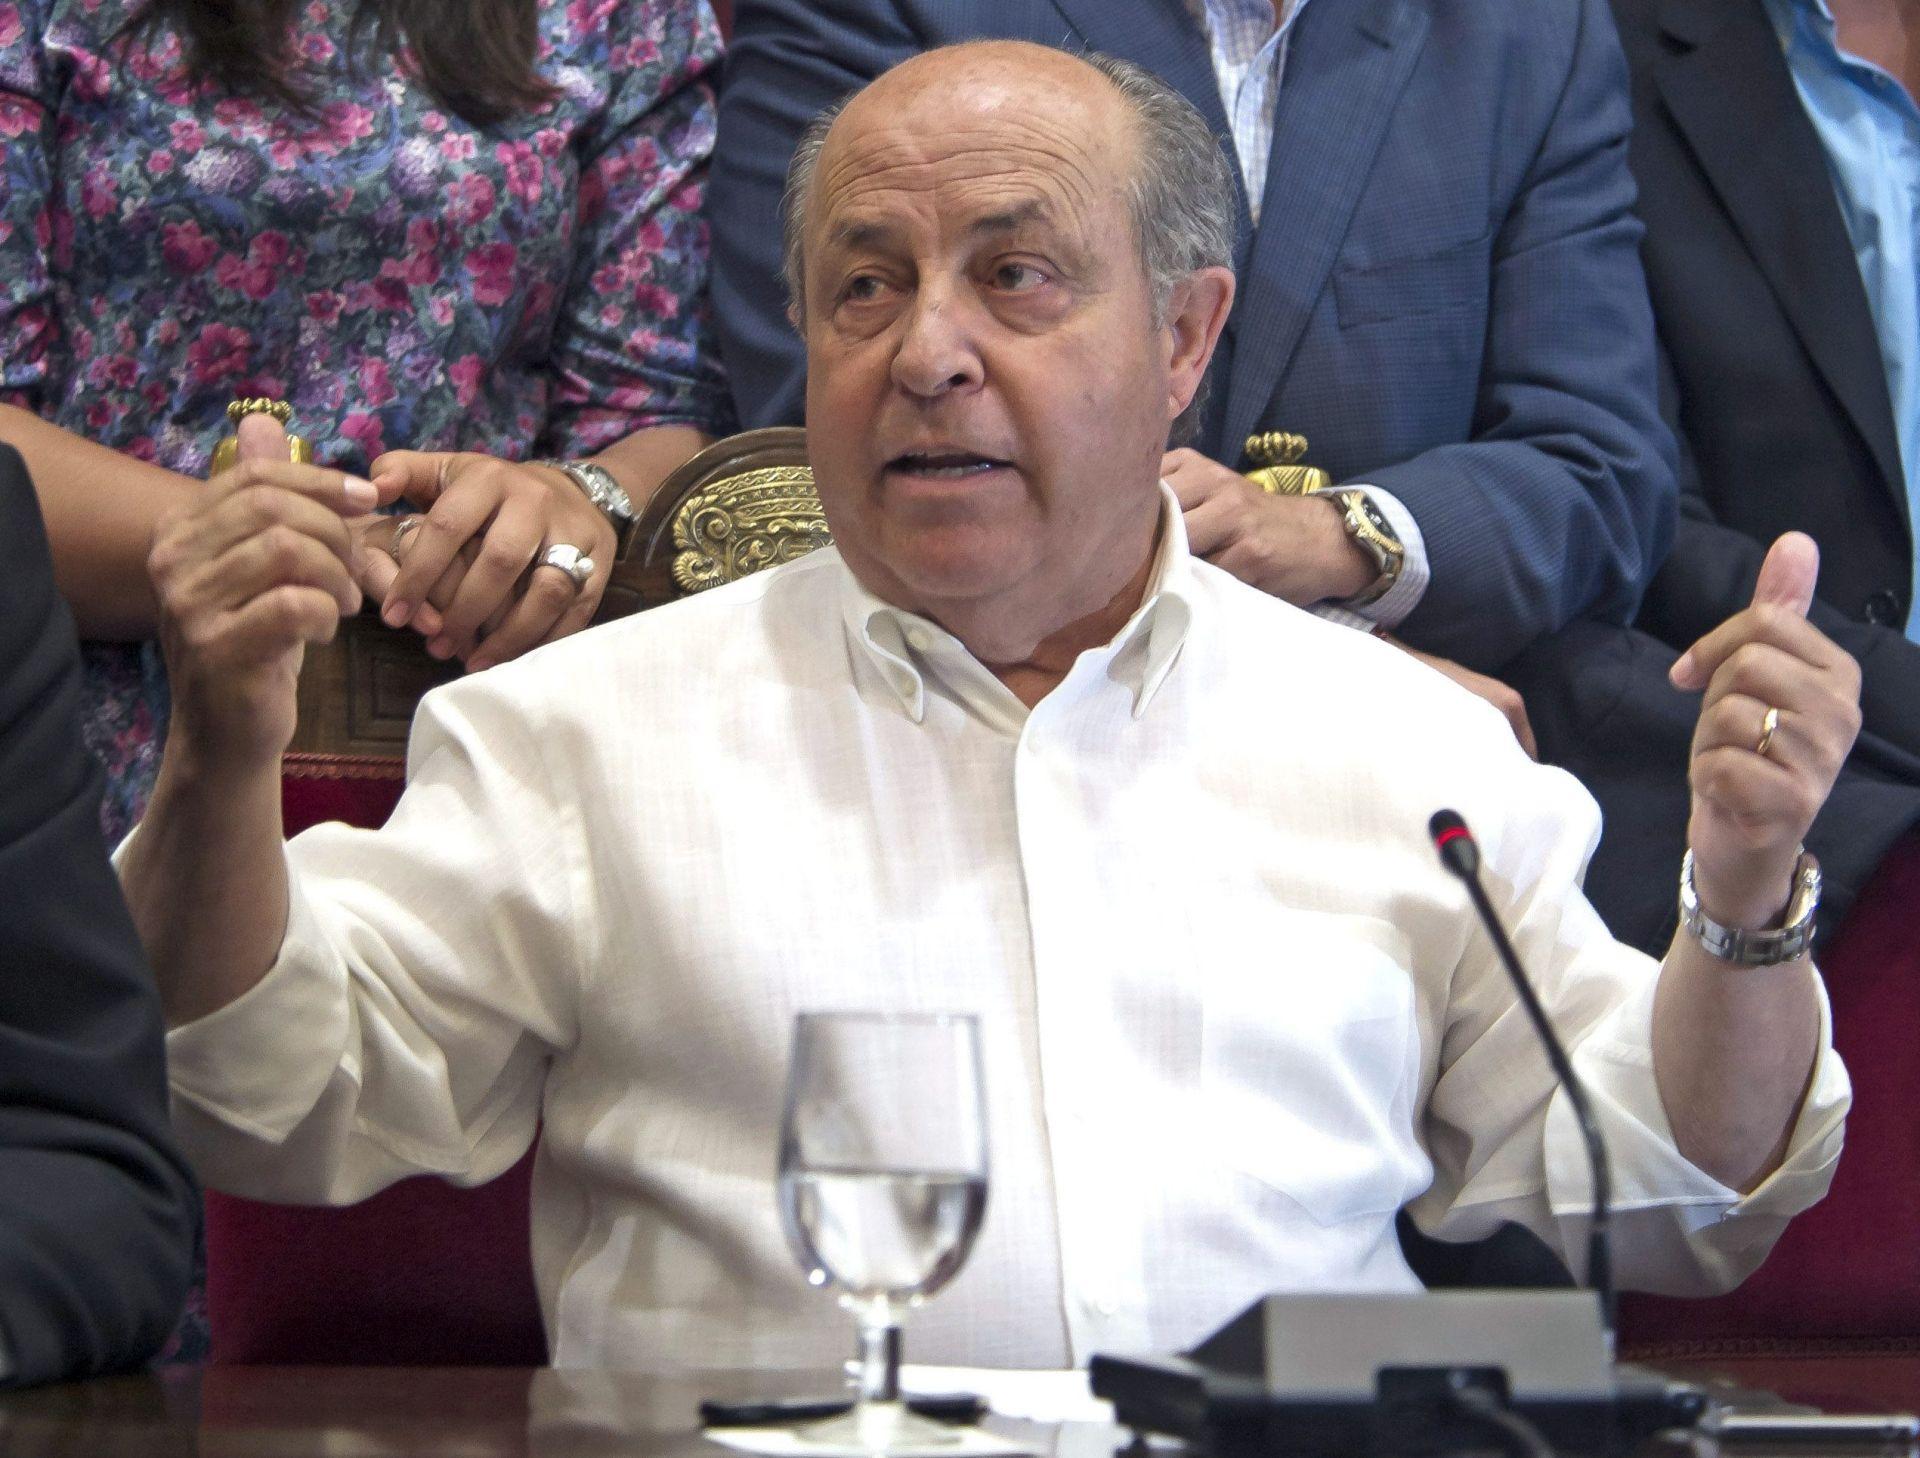 KORUPCIJA: Uhićen gradonačelnik Granade, najnoviji skandal u Španjolskoj